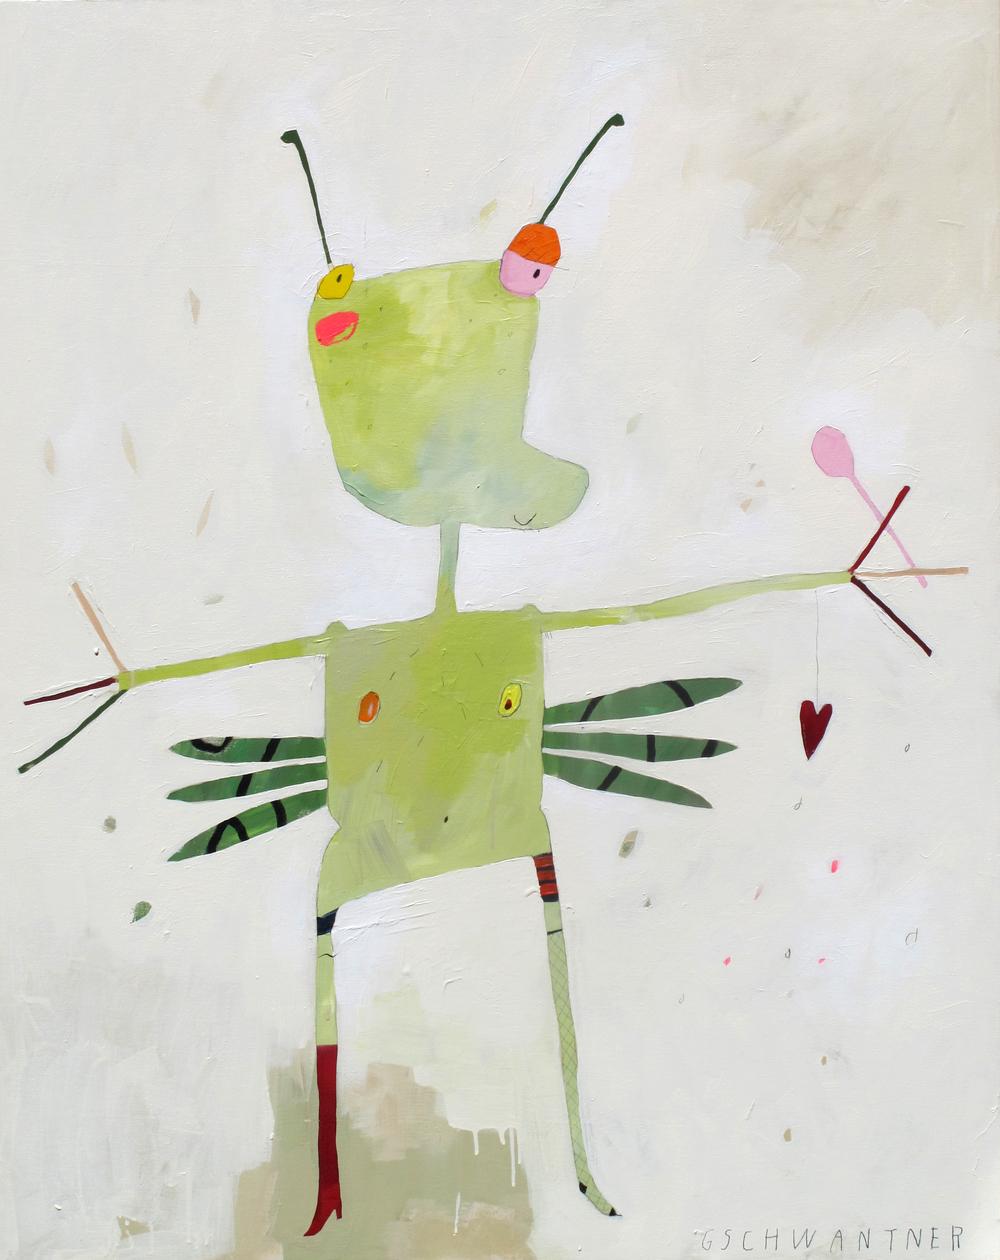 Zuversichtling, 2012, 115 x 145